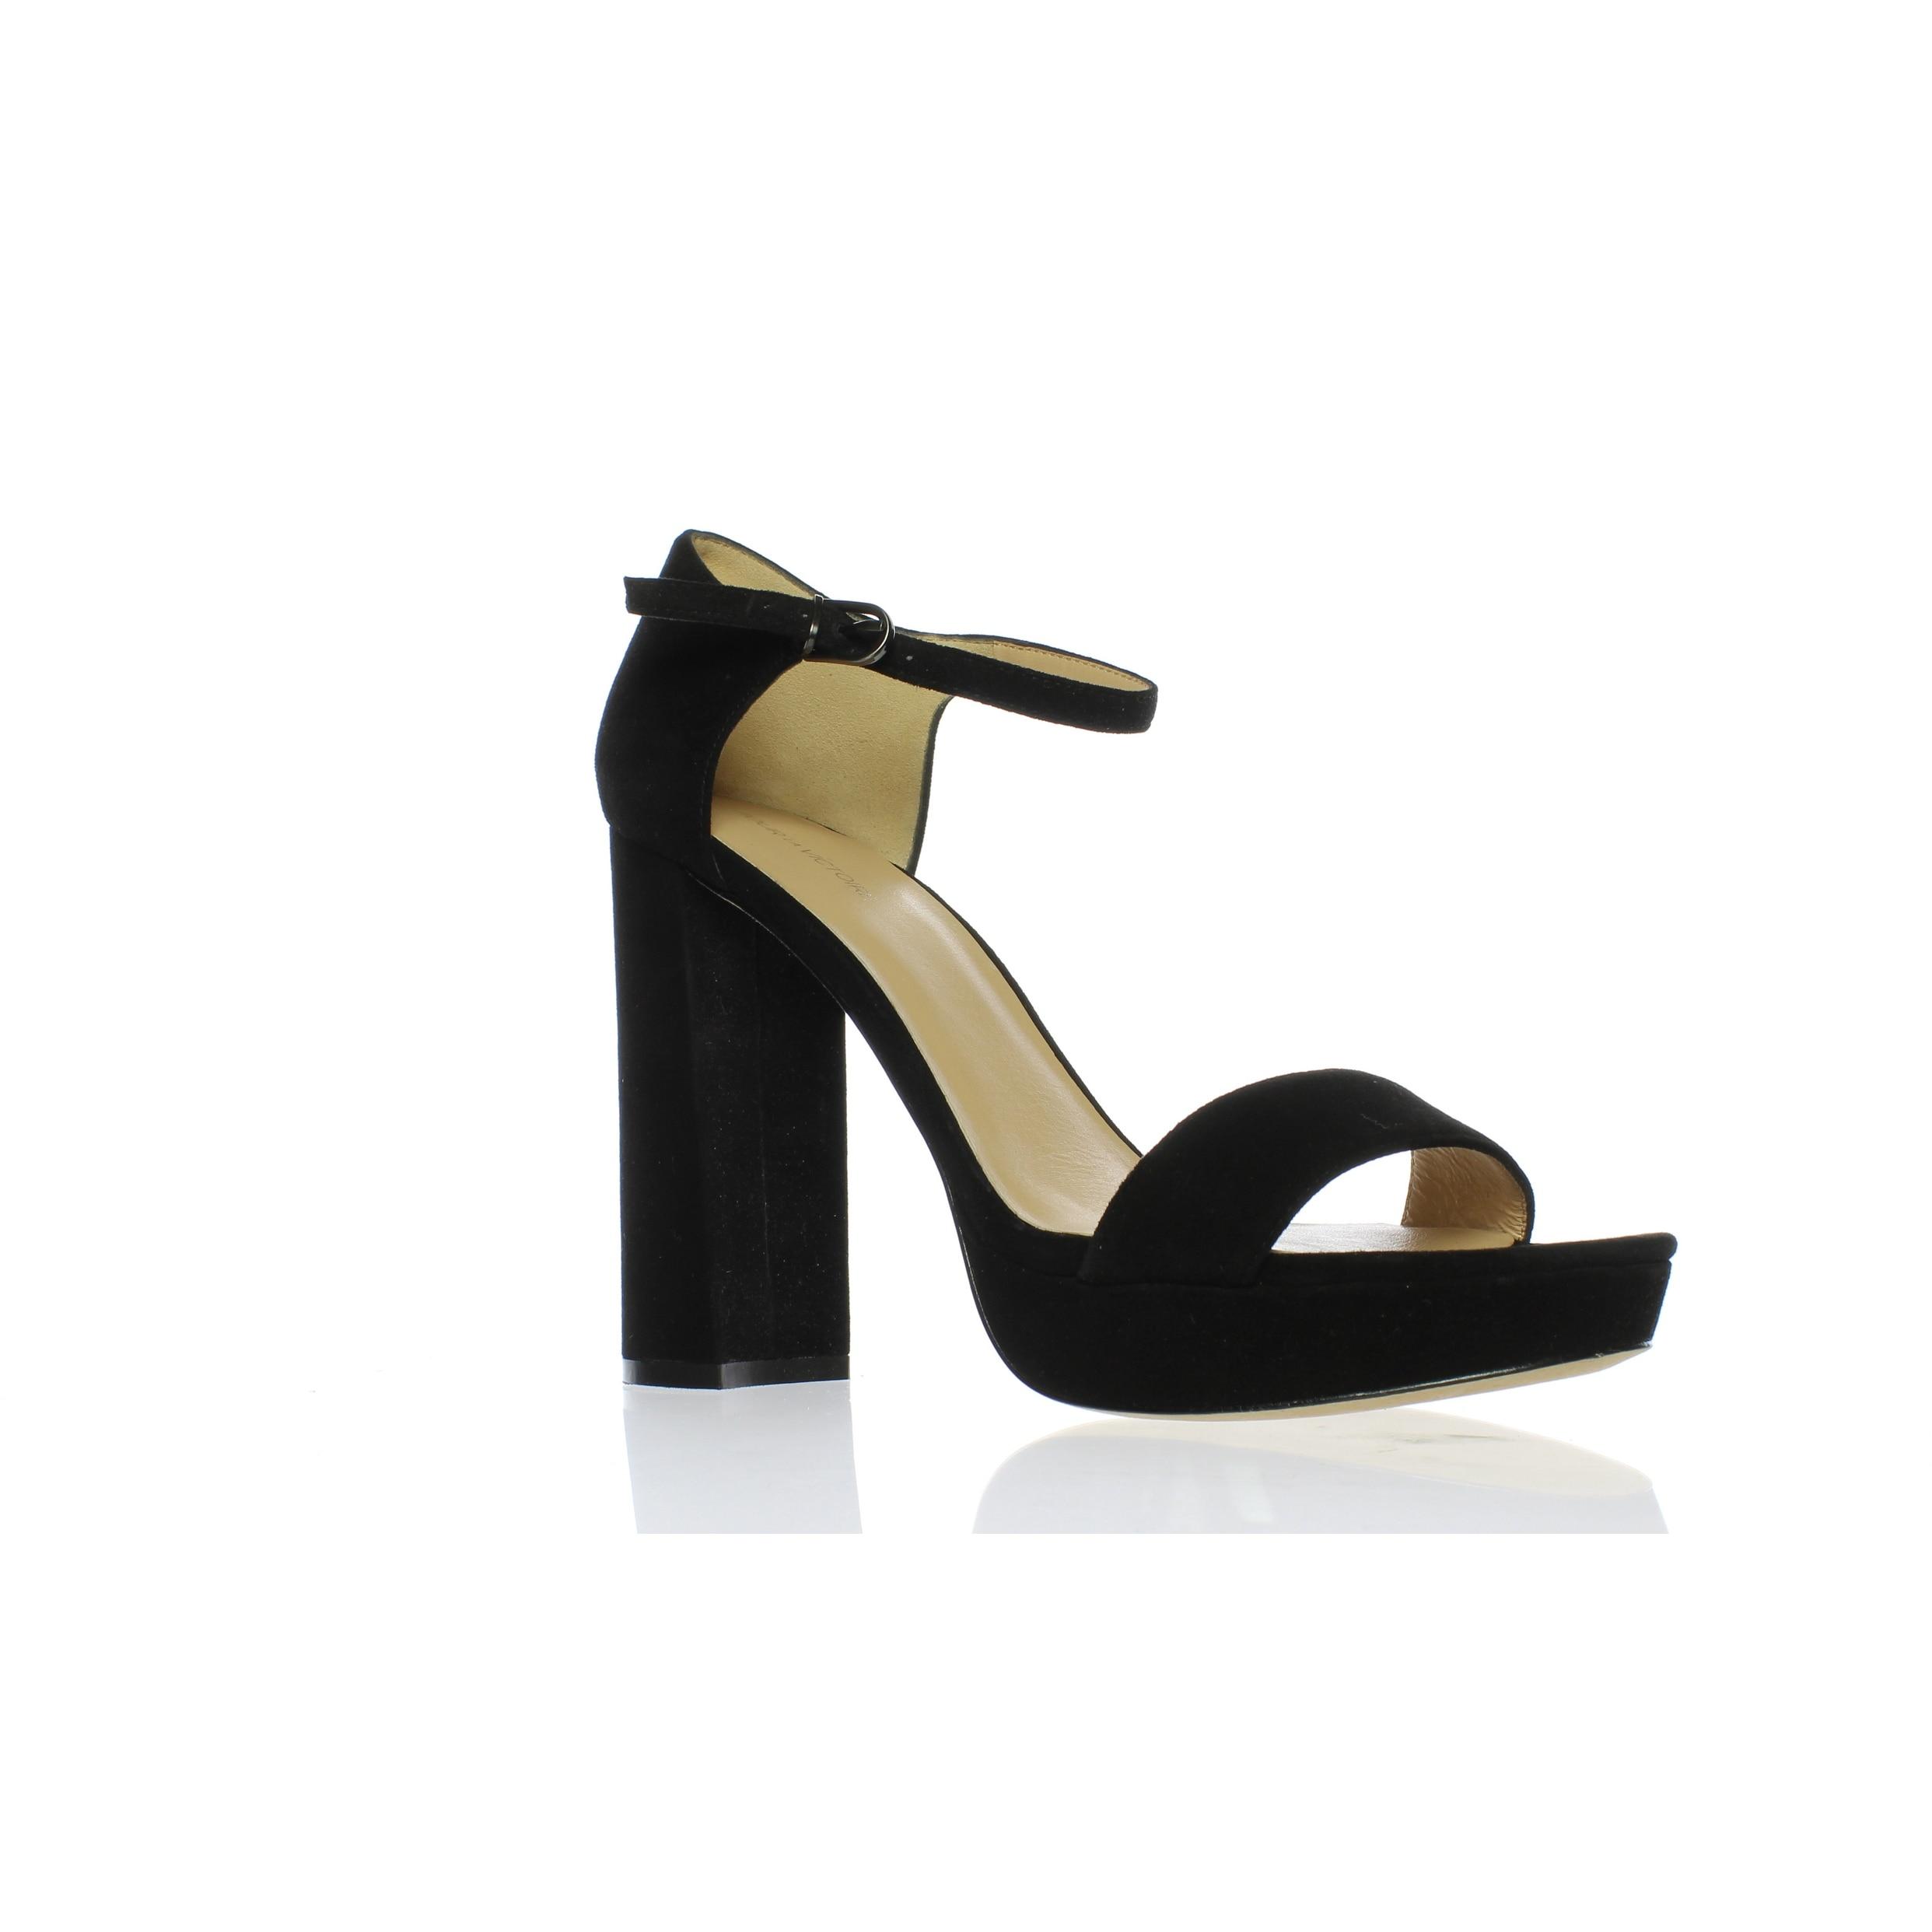 e2c337fbab8 Buy Pour La Victoire Women s Heels Online at Overstock